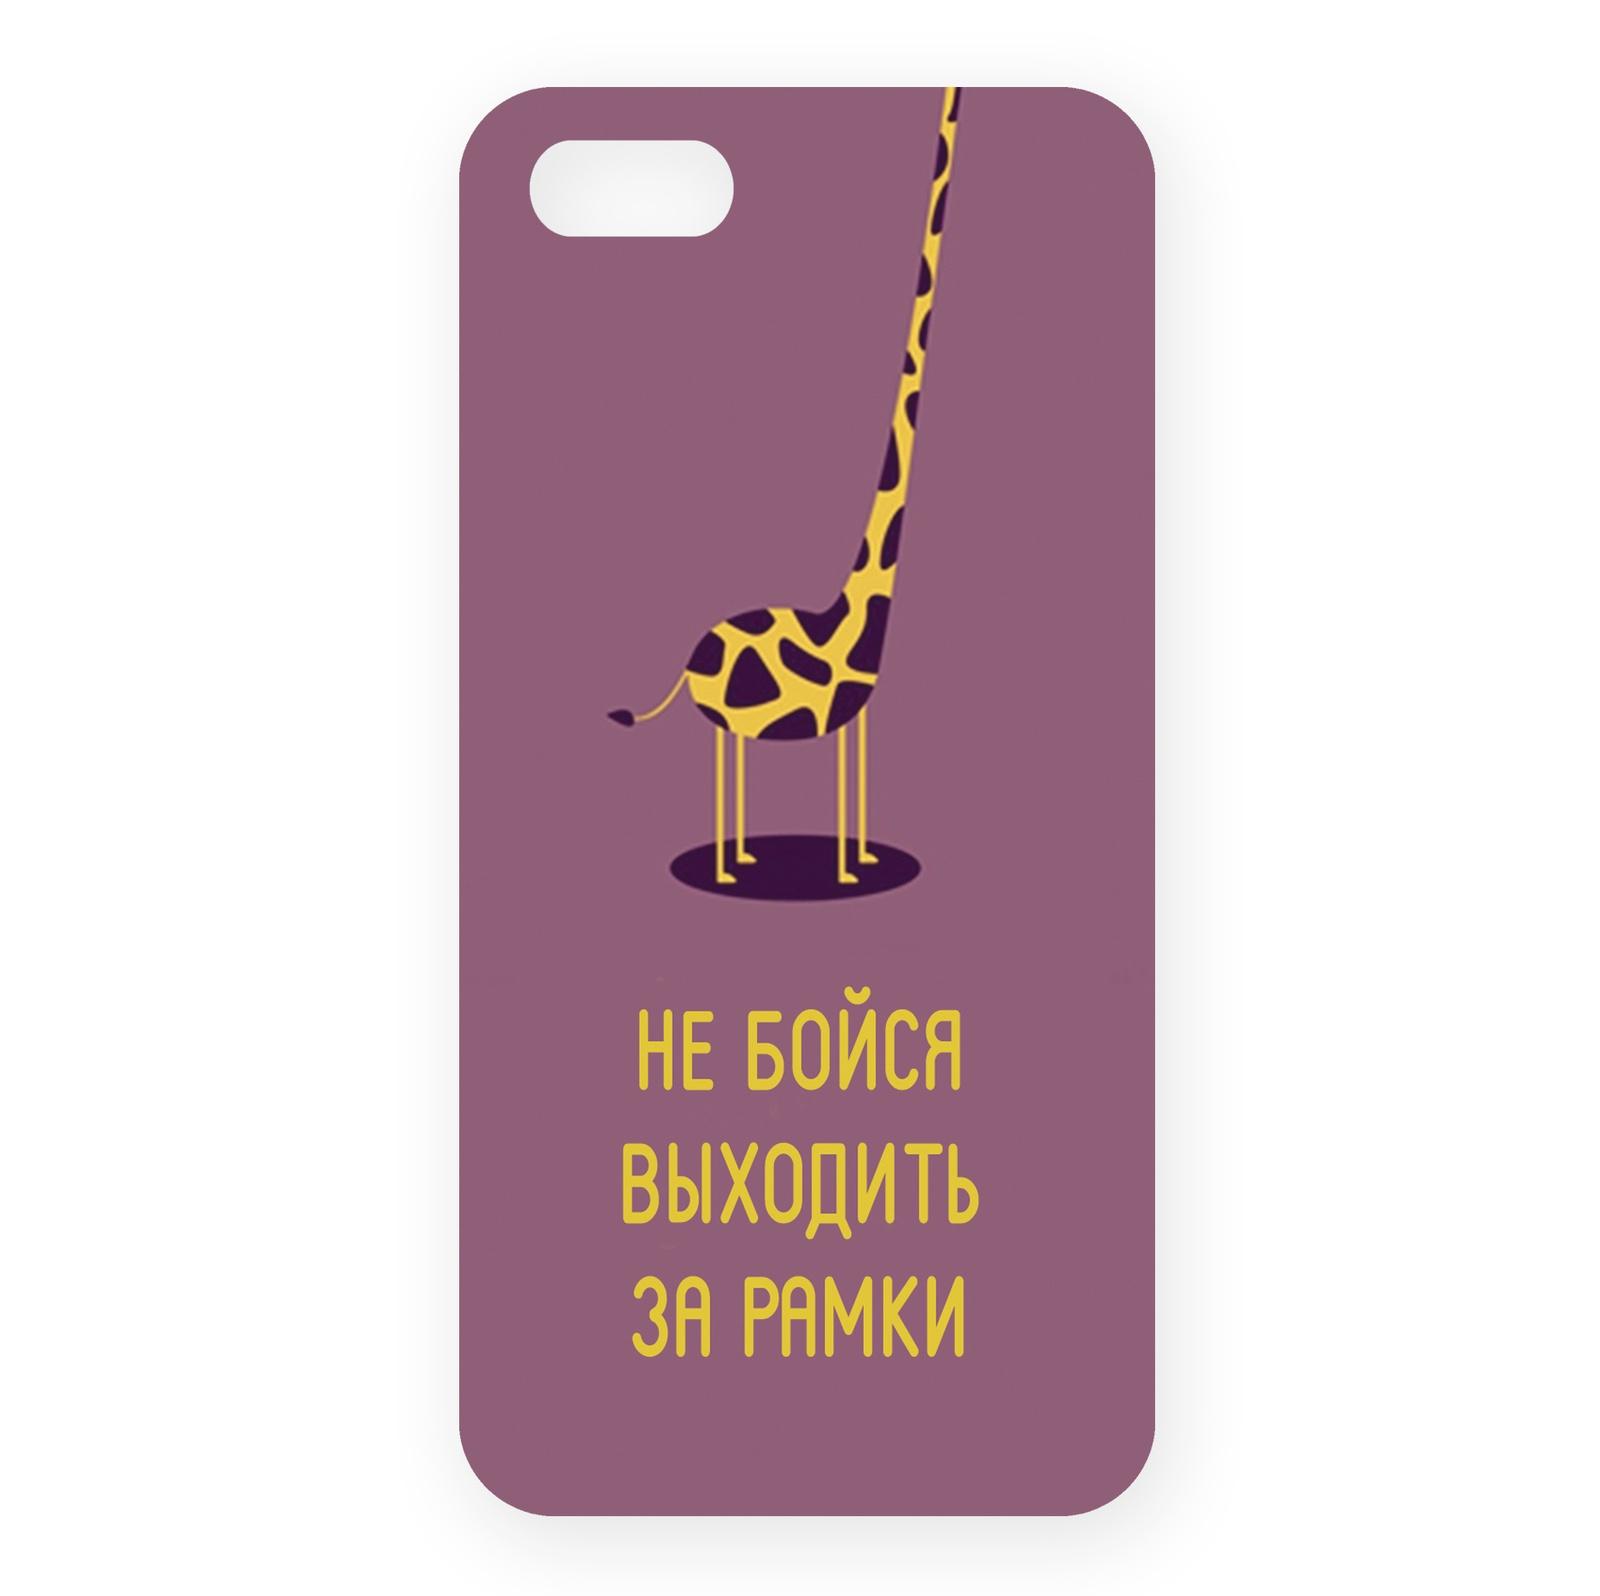 цена Чехол для сотового телефона Mitya Veselkov IP5.MITYA, IP5.MITYA-225, фиолетовый онлайн в 2017 году